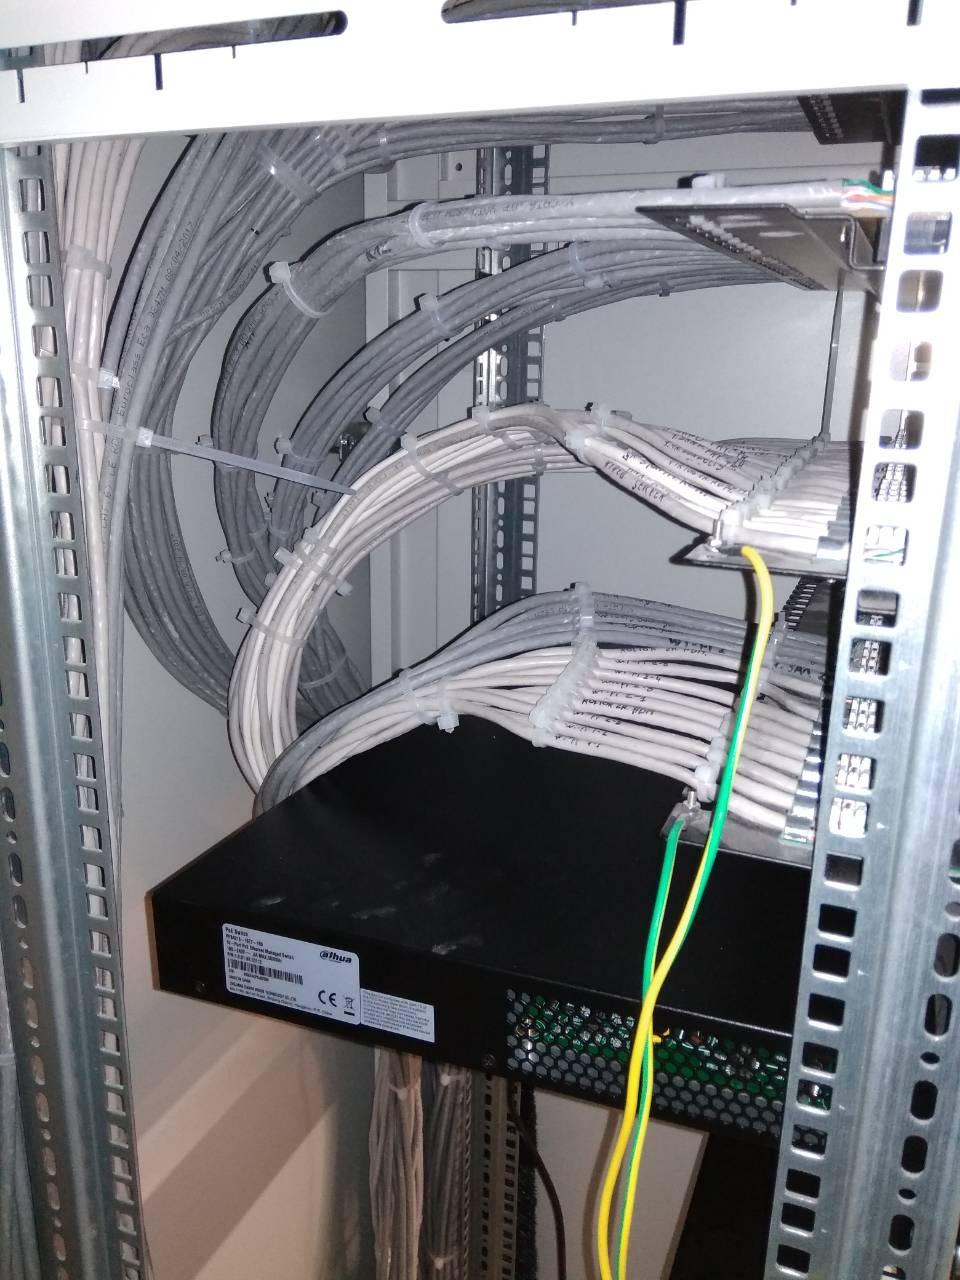 Фото Організація прокладки лан кабелю без кабельного менеджера